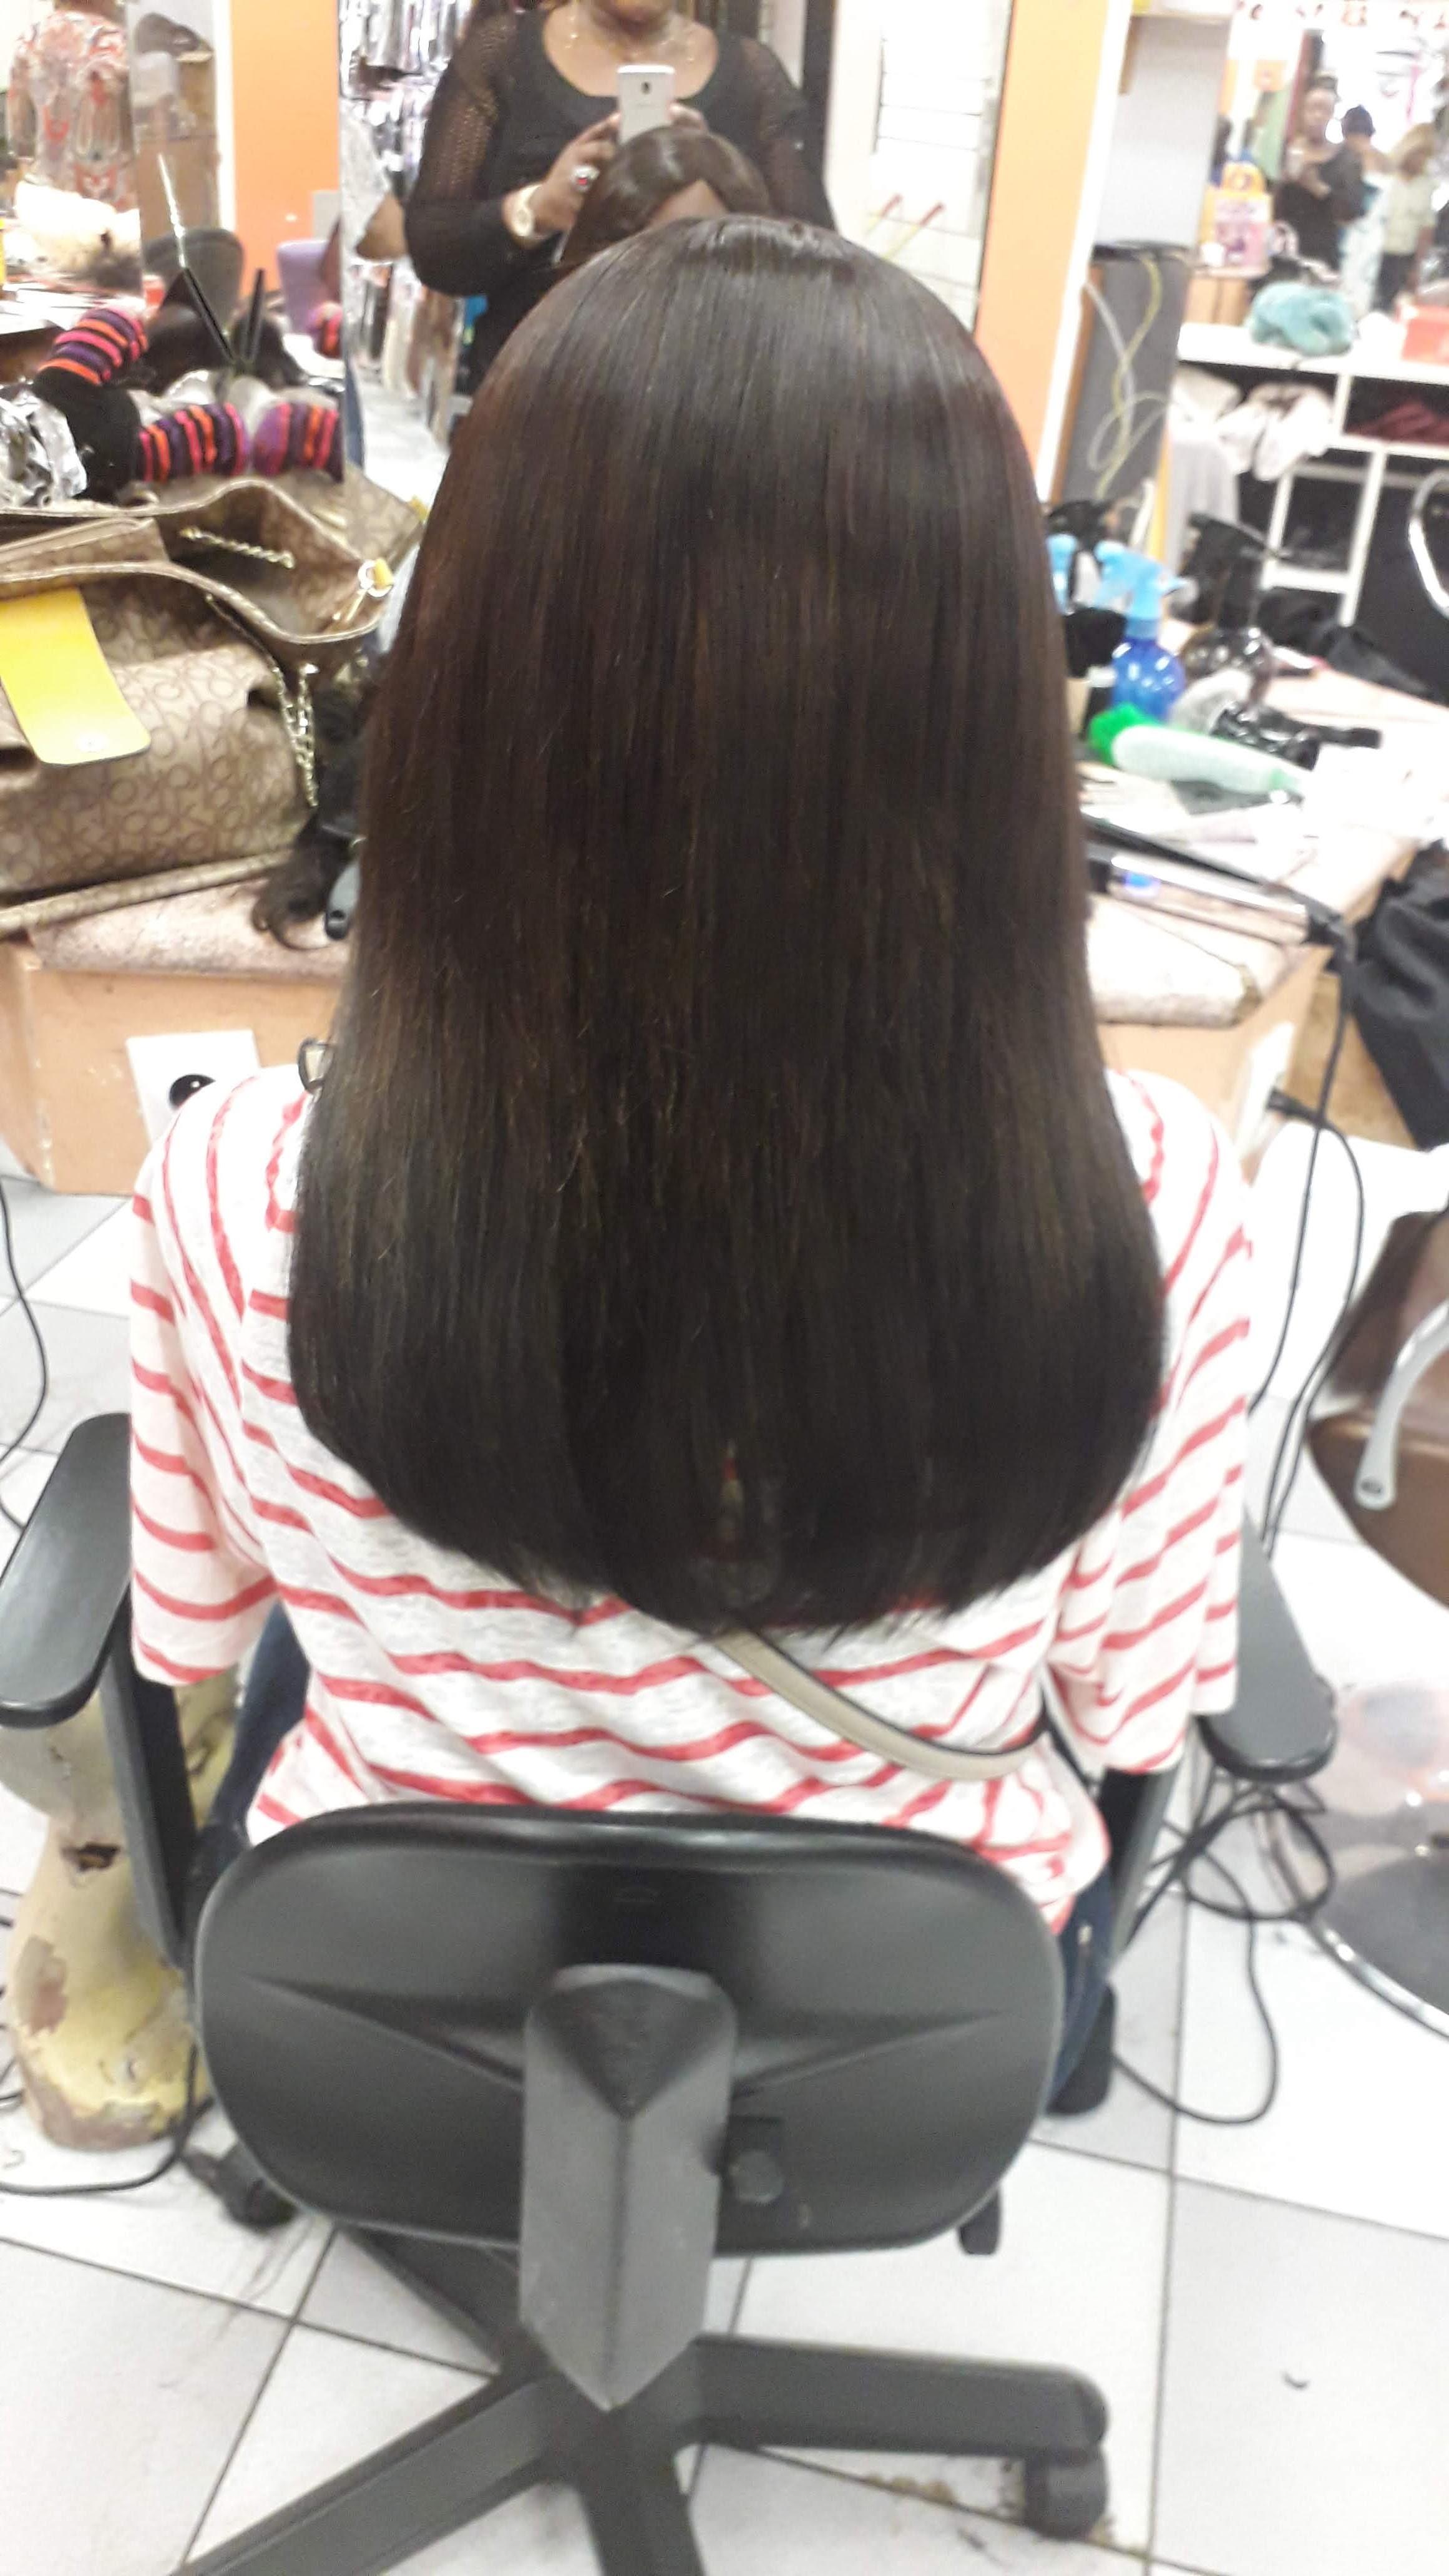 salon de coiffure afro tresse tresses box braids crochet braids vanilles tissages paris 75 77 78 91 92 93 94 95 WBBTQEBM